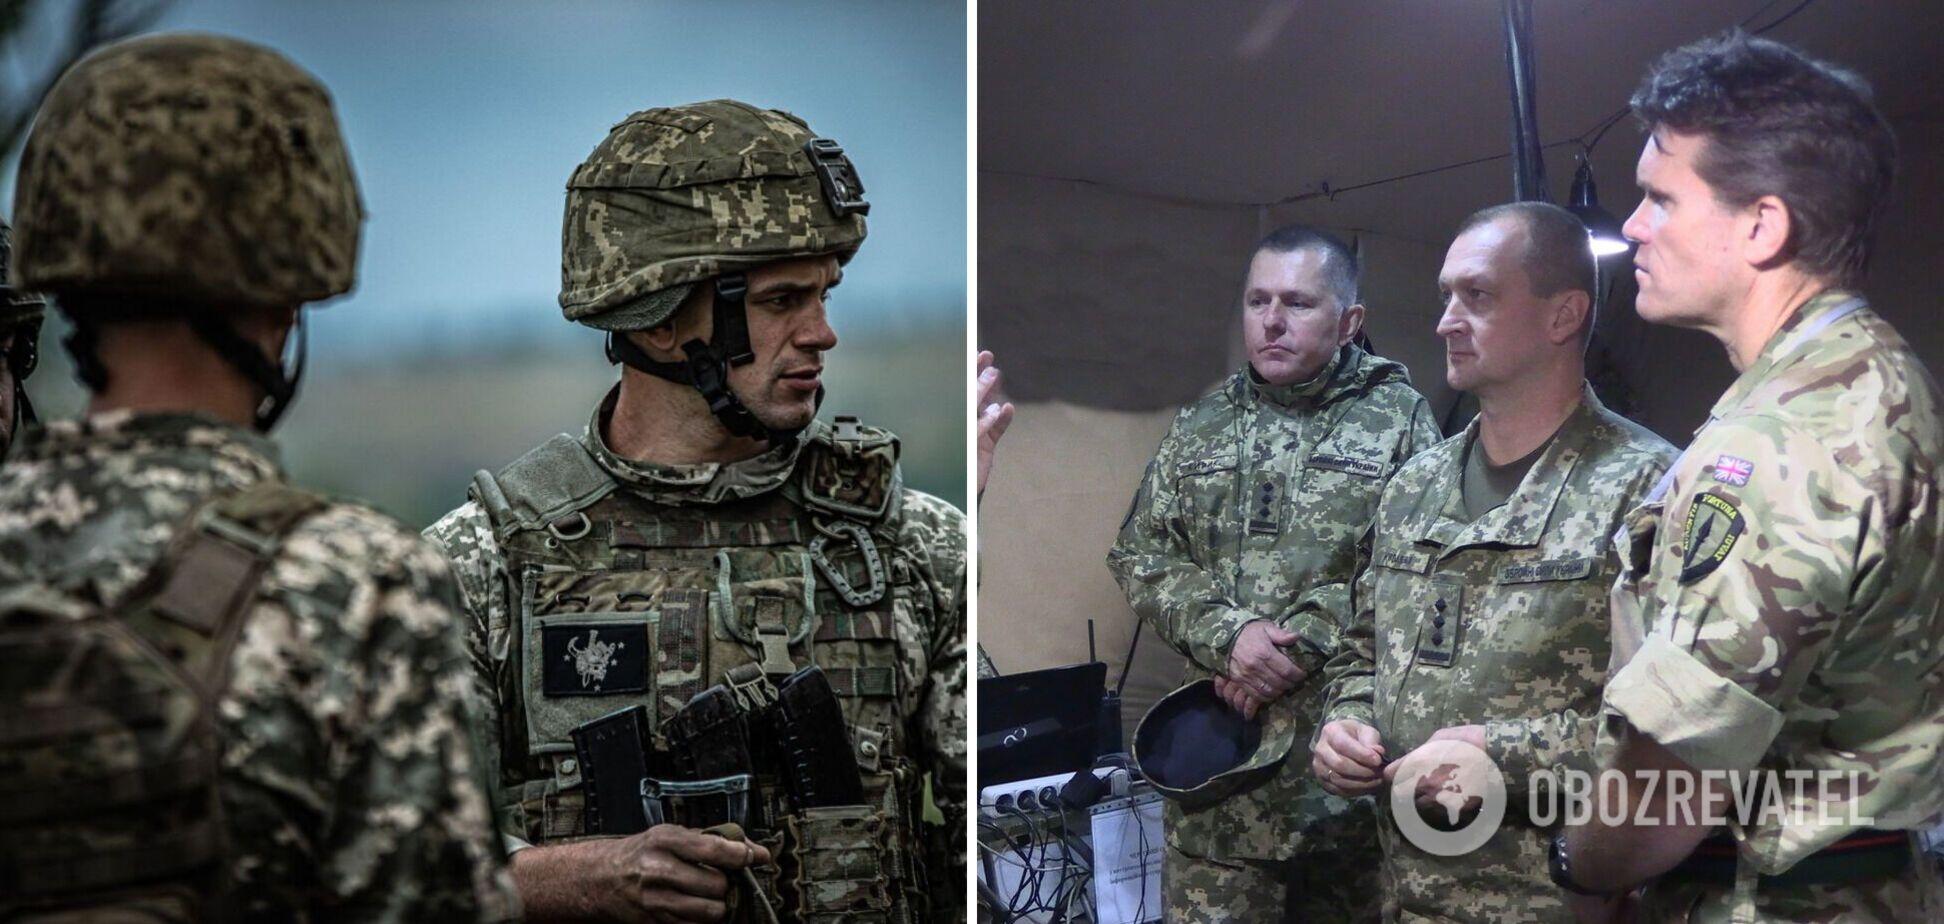 Готовы дать отпор агрессору: в ВСУ рассказали об учениях с привлечением иностранных военных. Фото